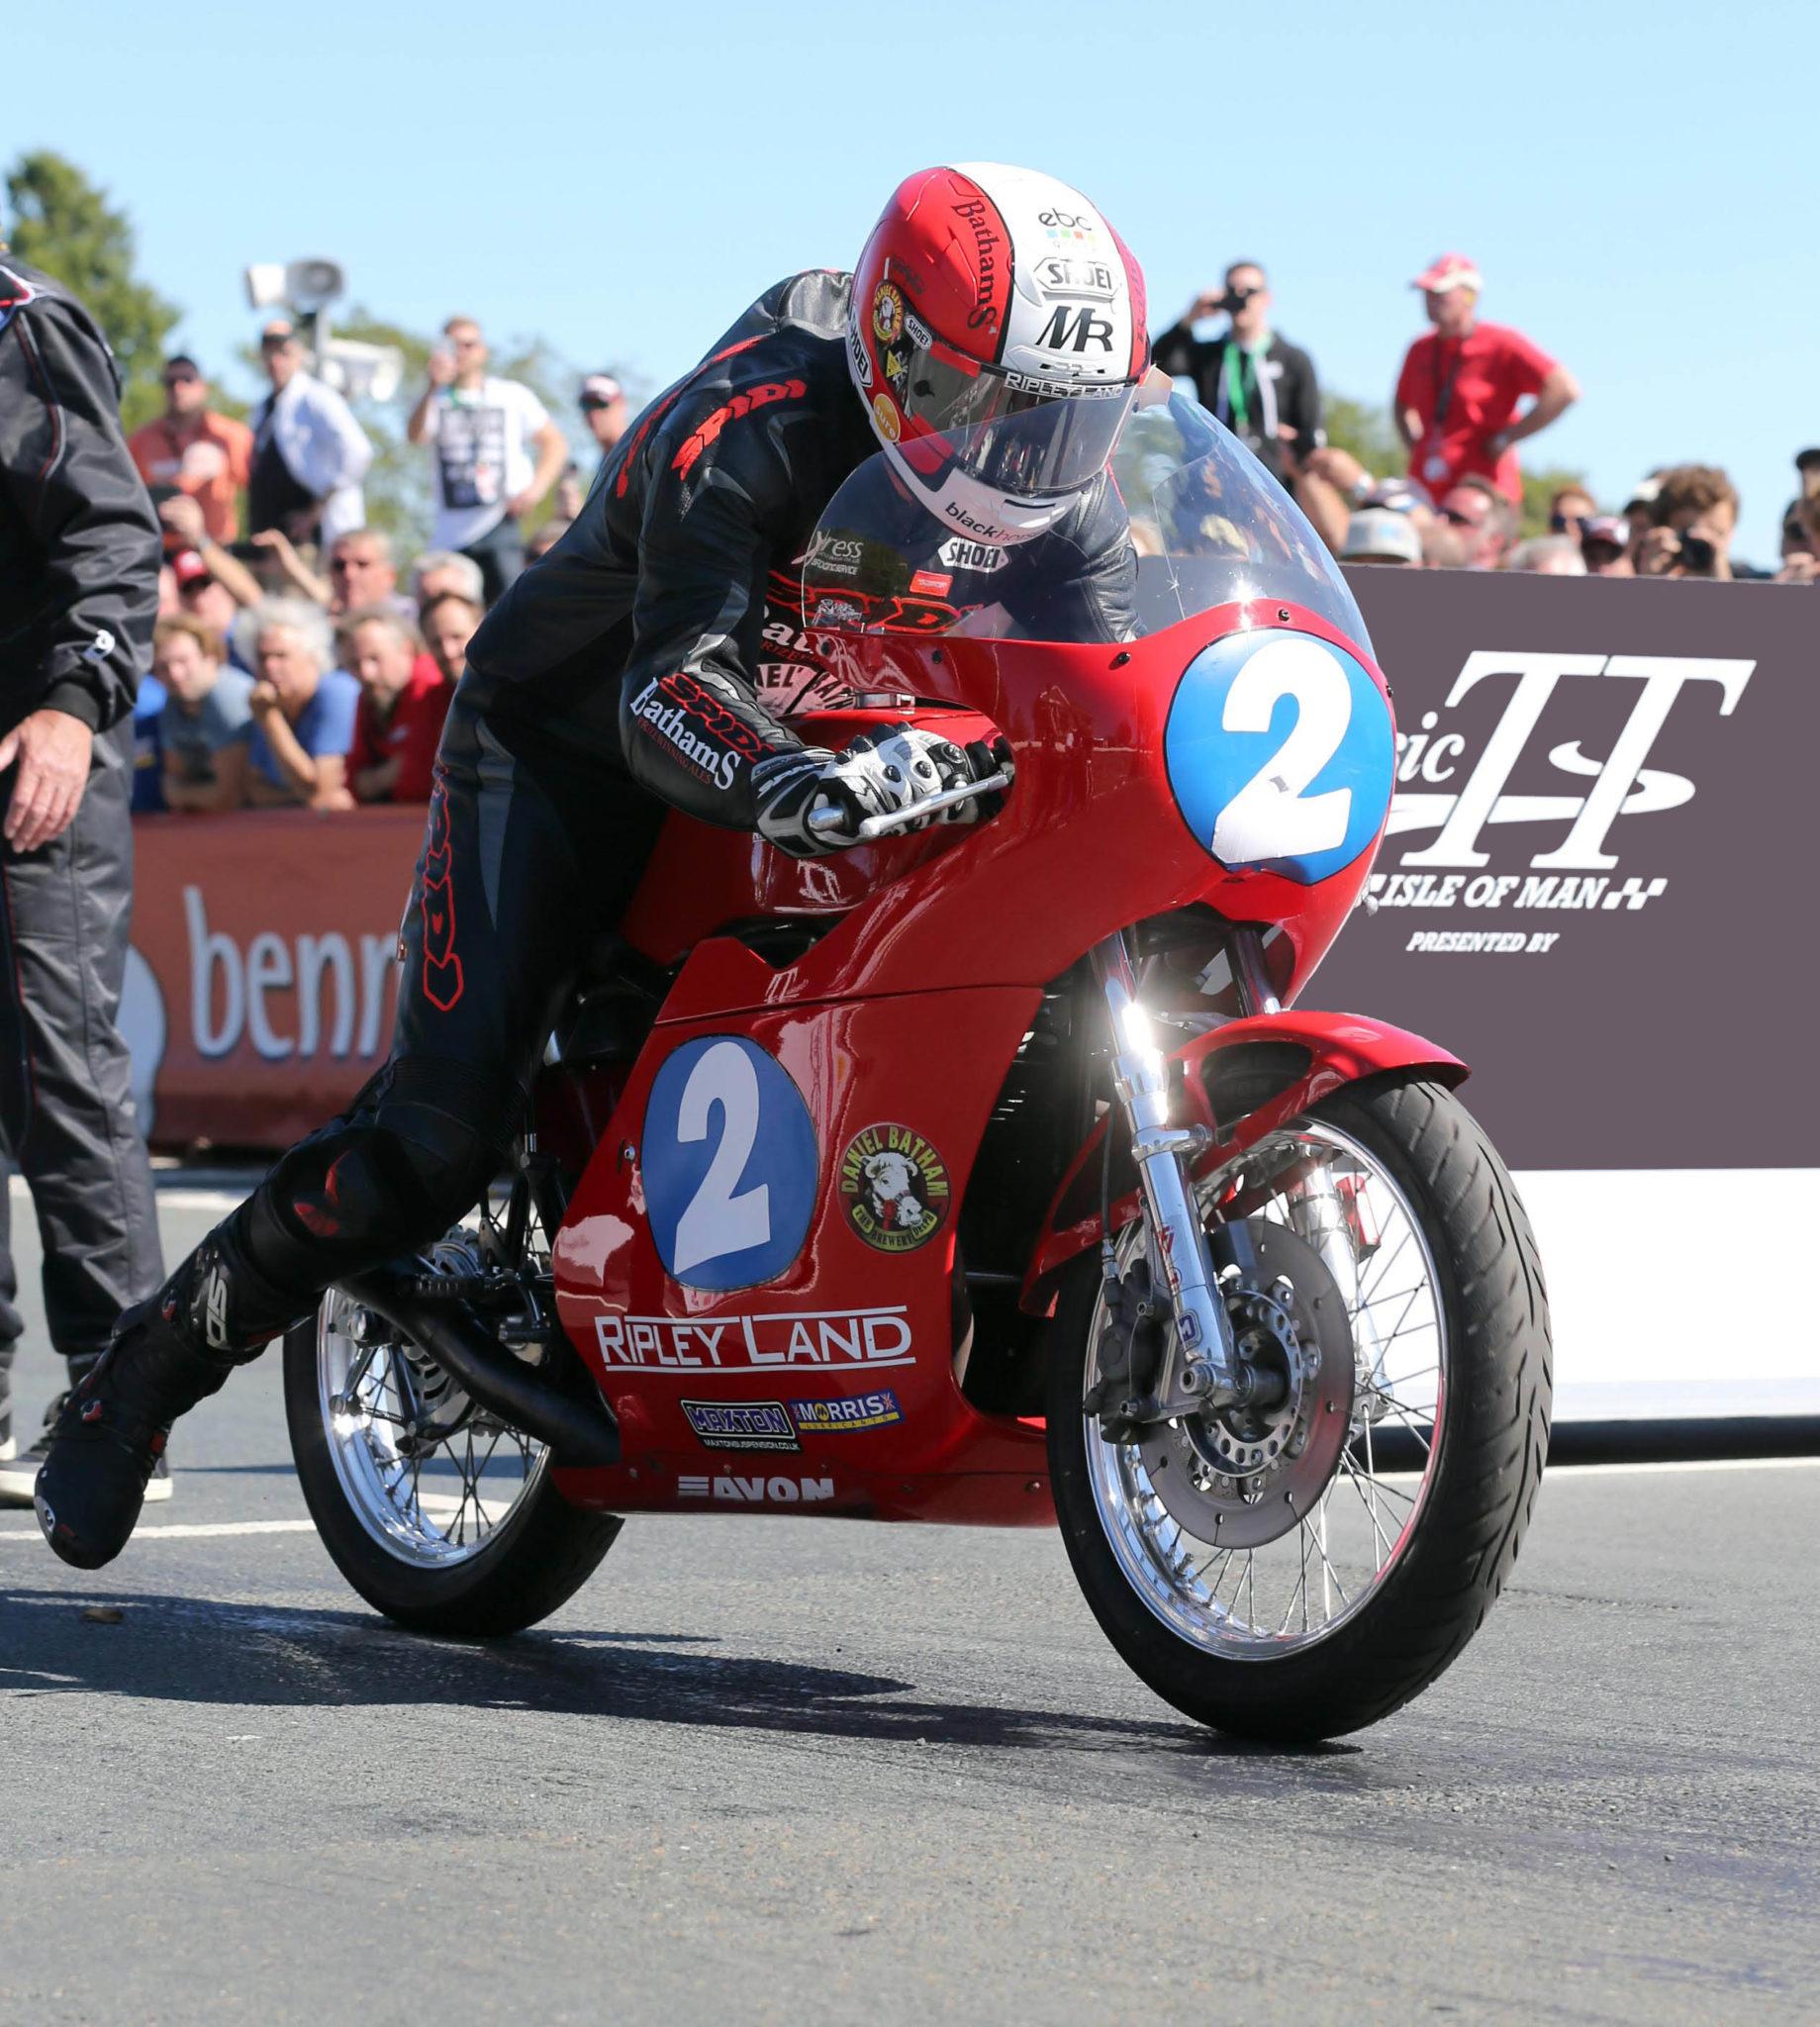 Michael Rutter 350cc Classic TT race image by Stephen Davison - Pacemaker Press International